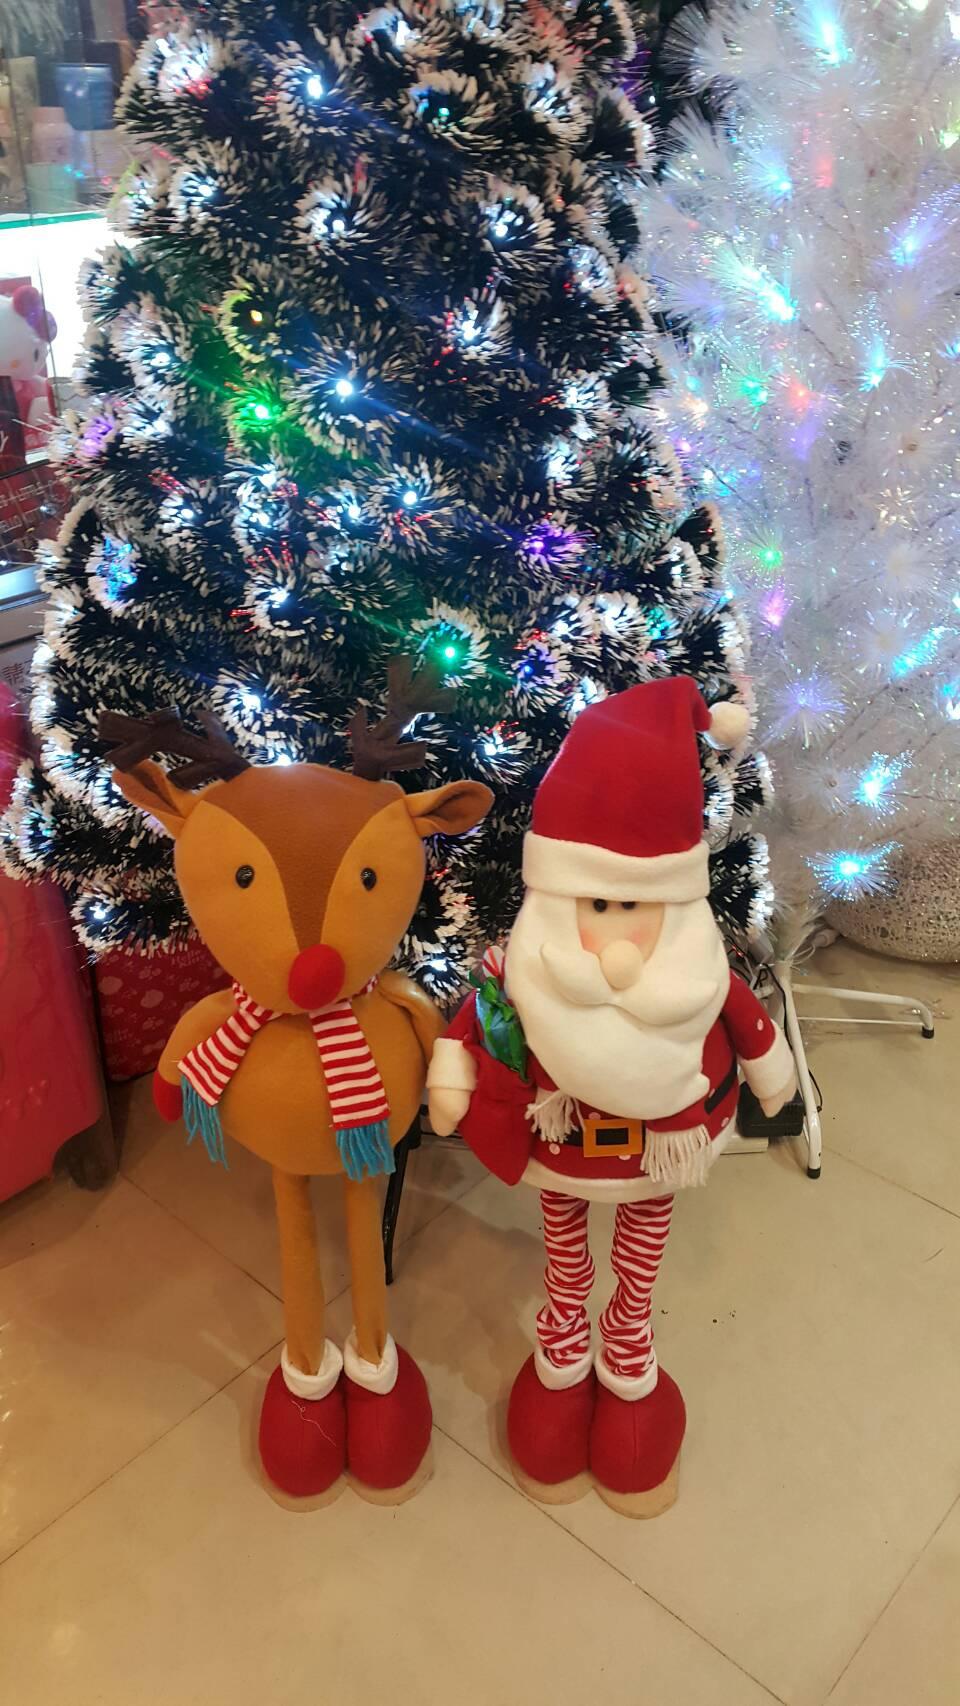 X射線 【X180001】伸縮老公公.麋鹿擺飾,聖誕麋鹿/聖誕擺飾/聖誕禮物袋/聖誕老人衣服/老公公/雪人